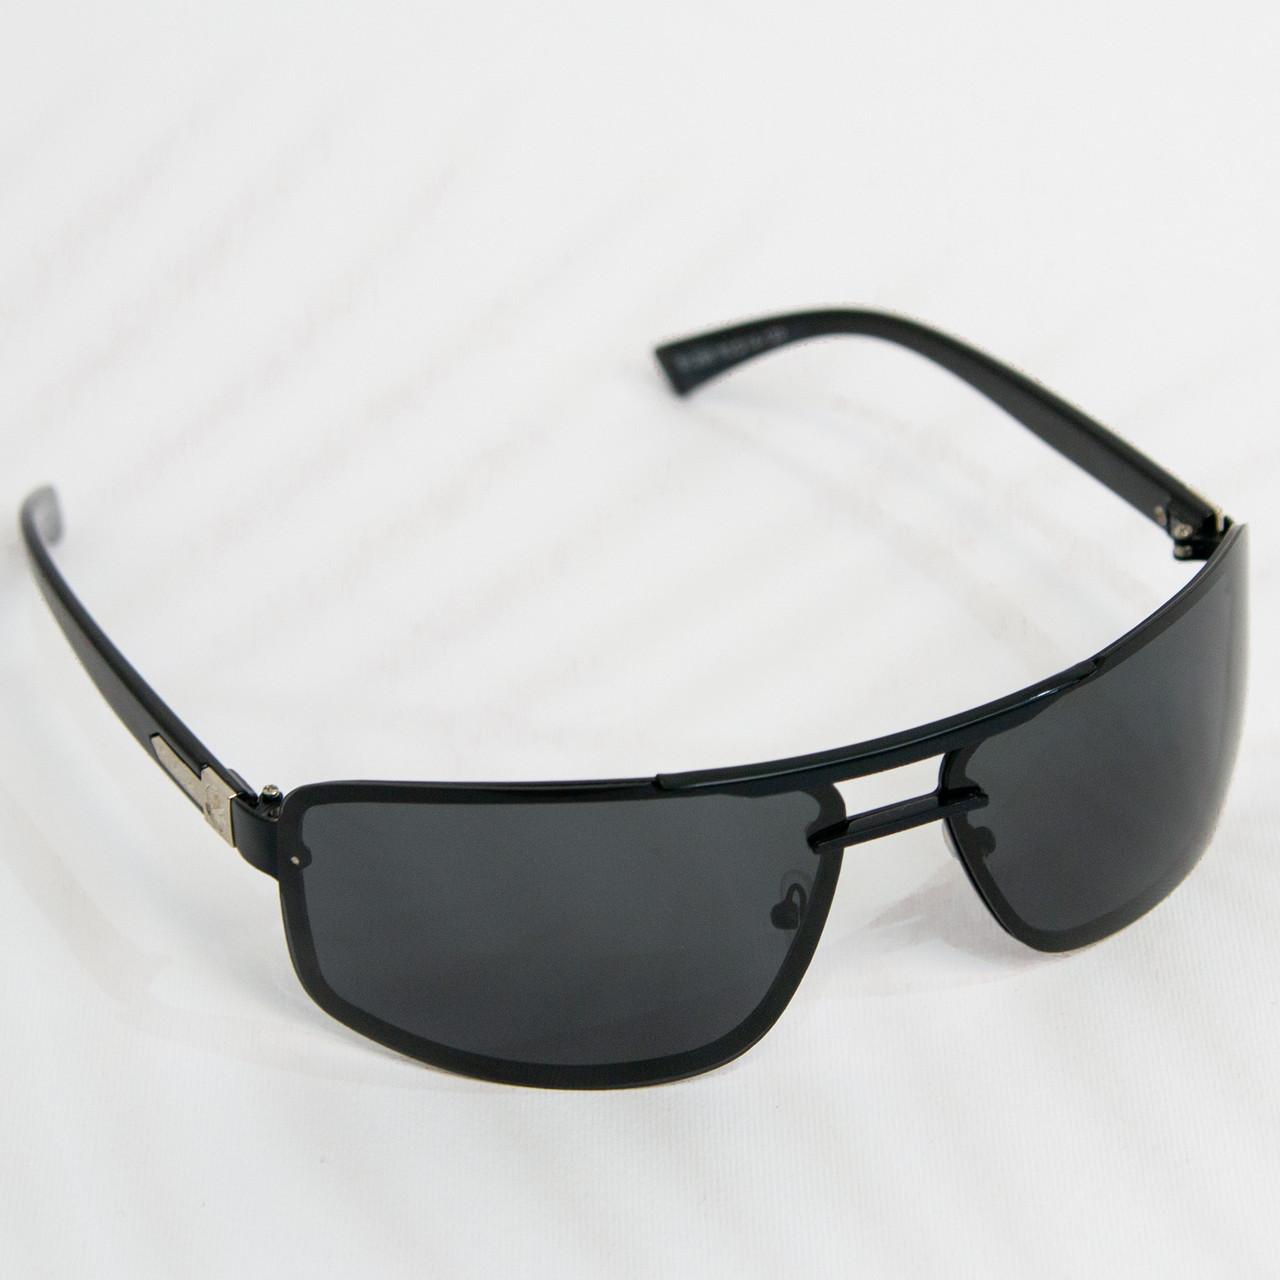 Оптом Очки мужские солнцезащитные поляризационные - Черные - 1288